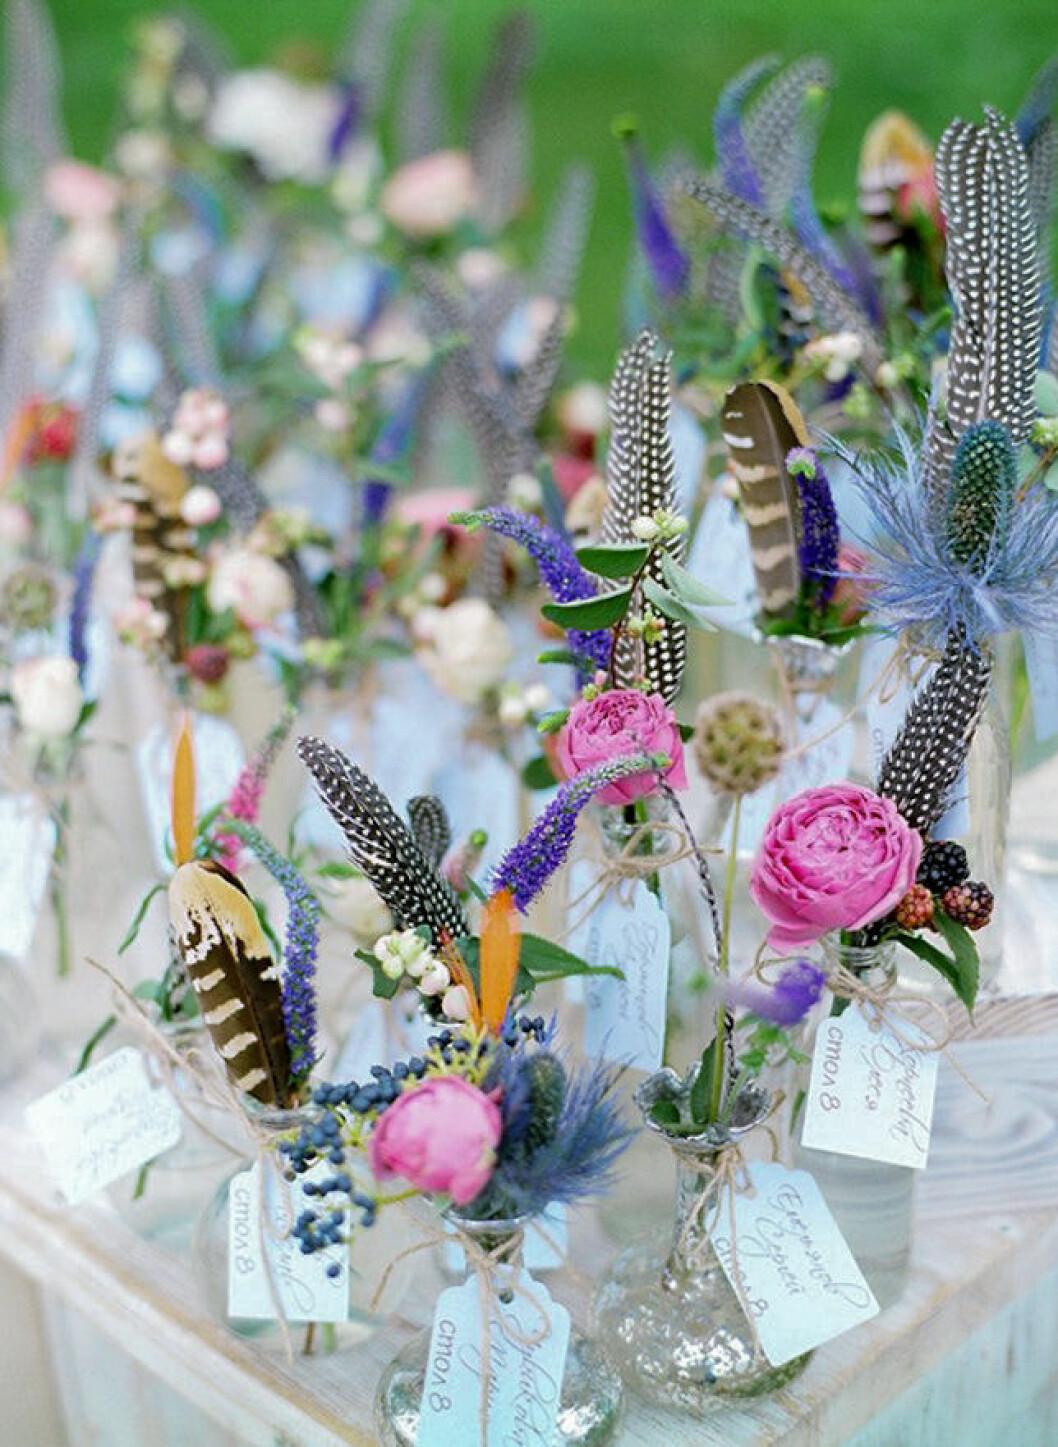 blomvaser med fjädrar i